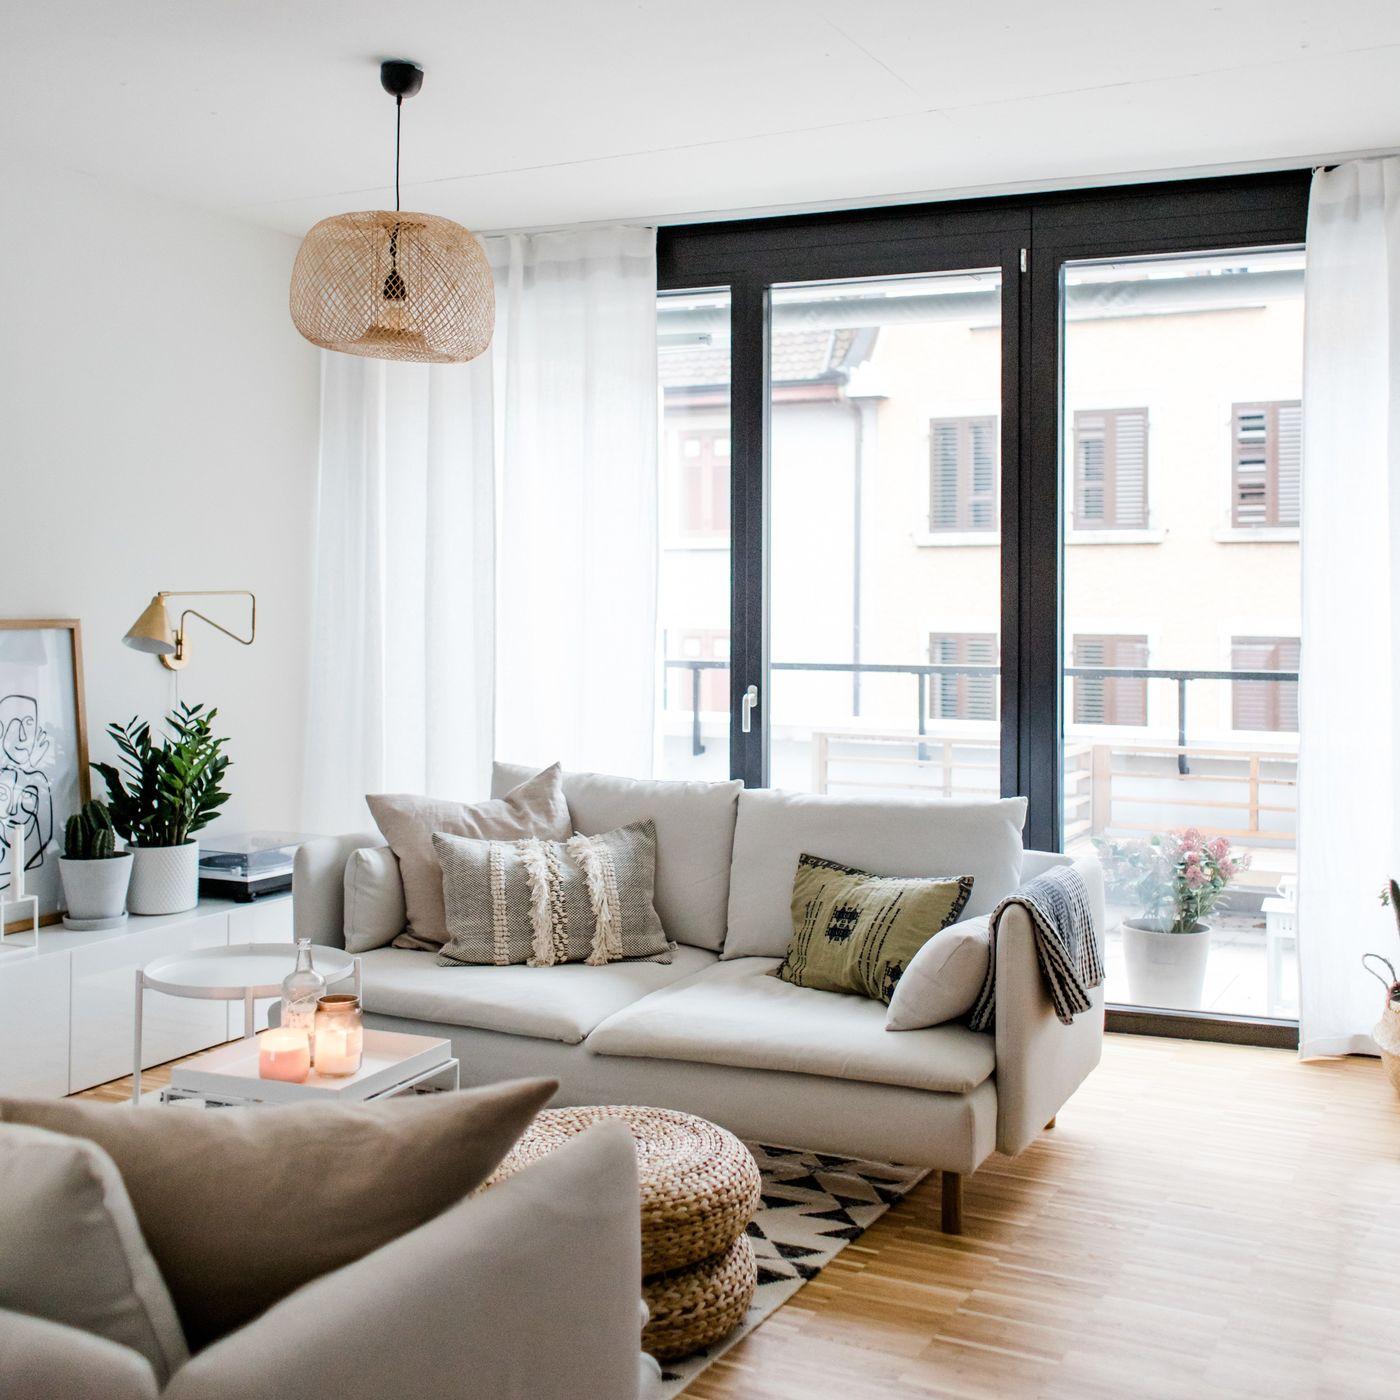 Kleine wohnzimmer einrichten gestalten for Wohnzimmer gunstig gestalten